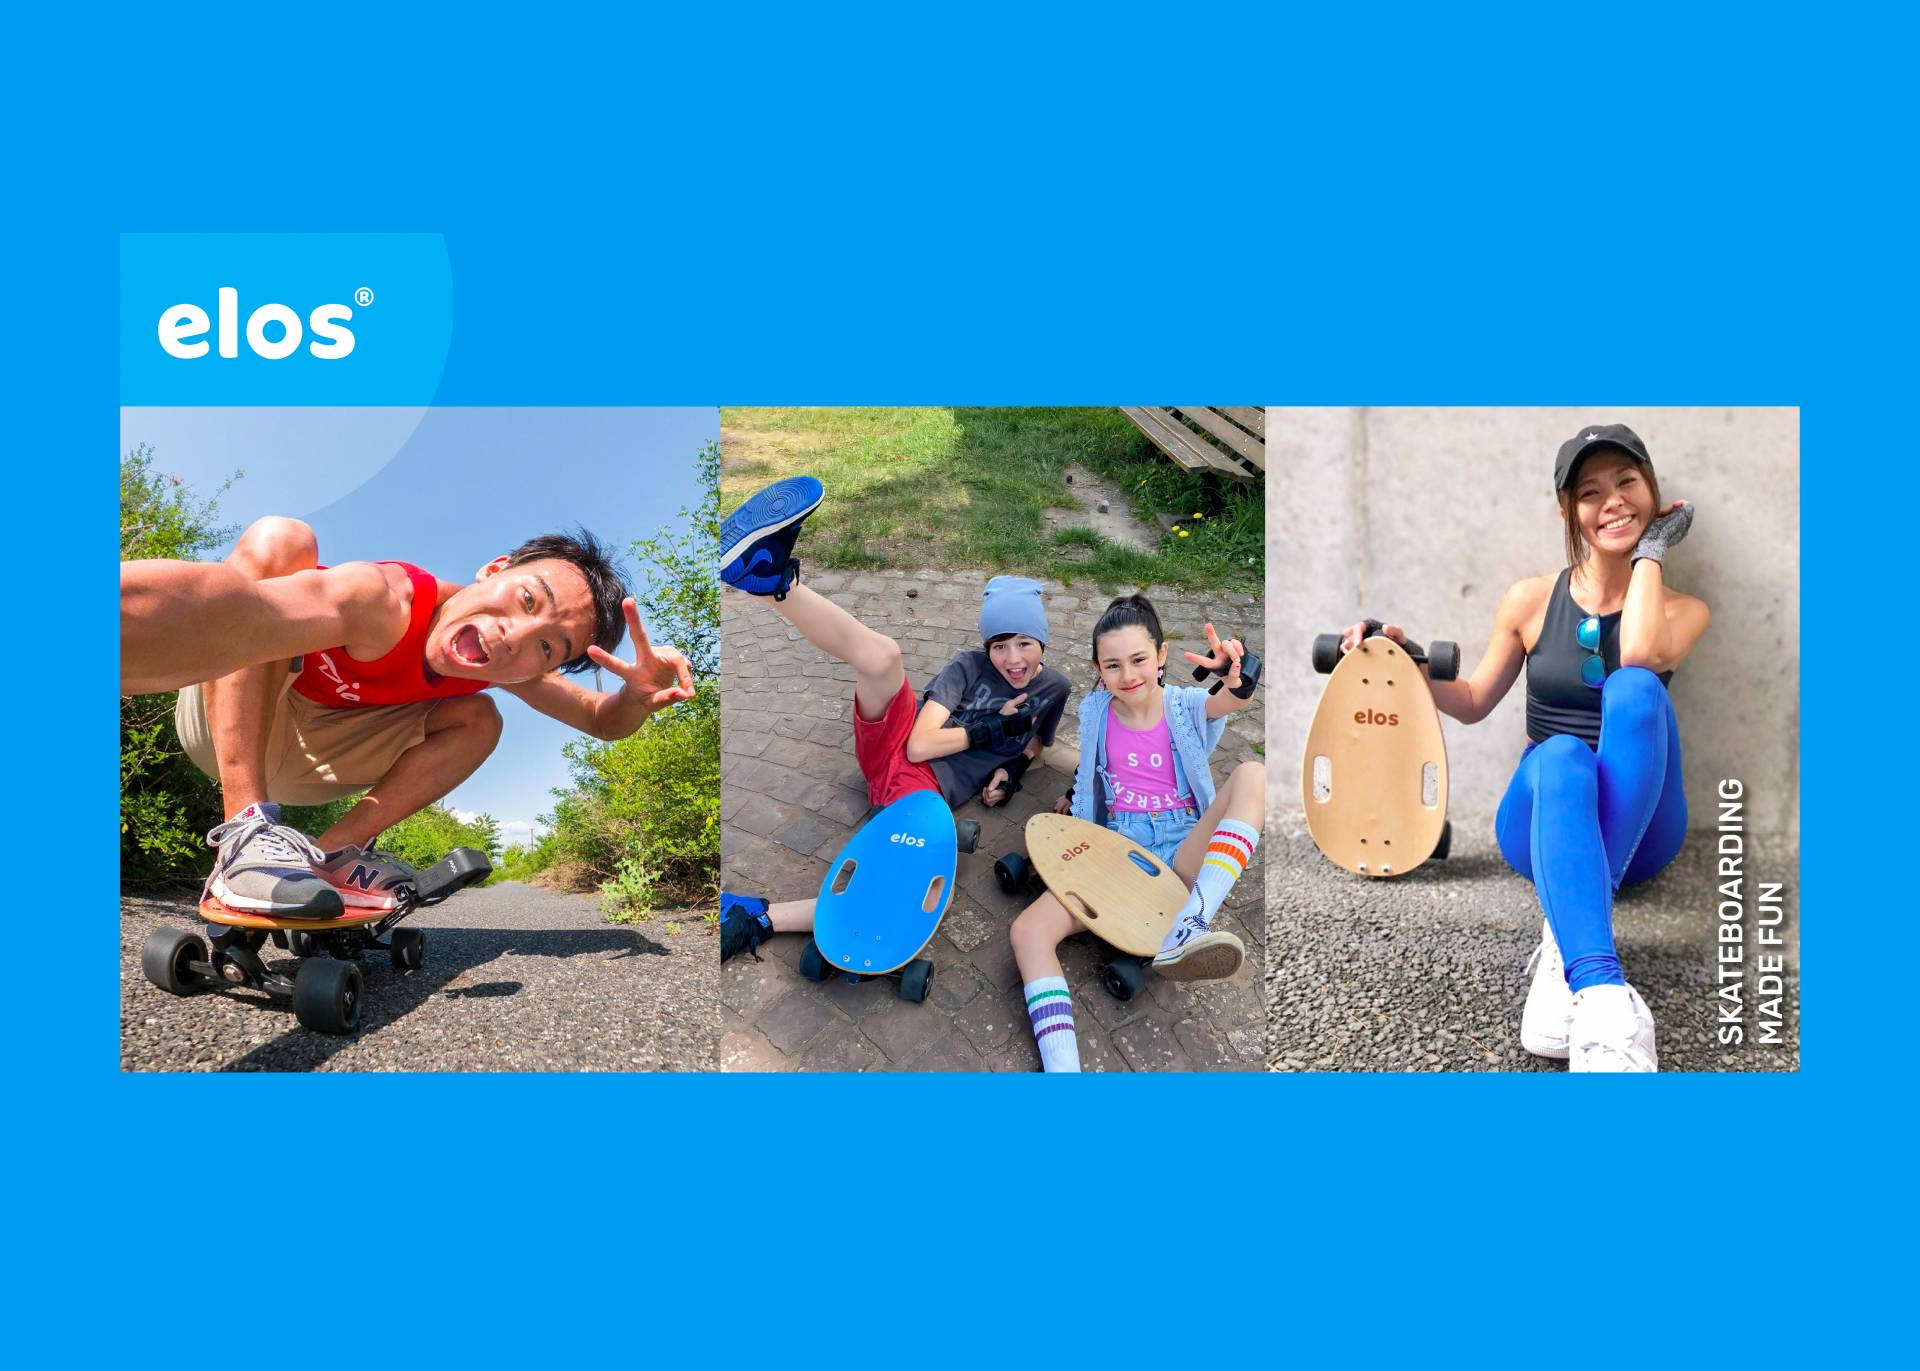 待望の日本上陸【Elos】エロスじゃないよ!イロスだよ!!世界一コンパクトなスケートボードは安定感が最強!?スケーター初心者必見アイテム!